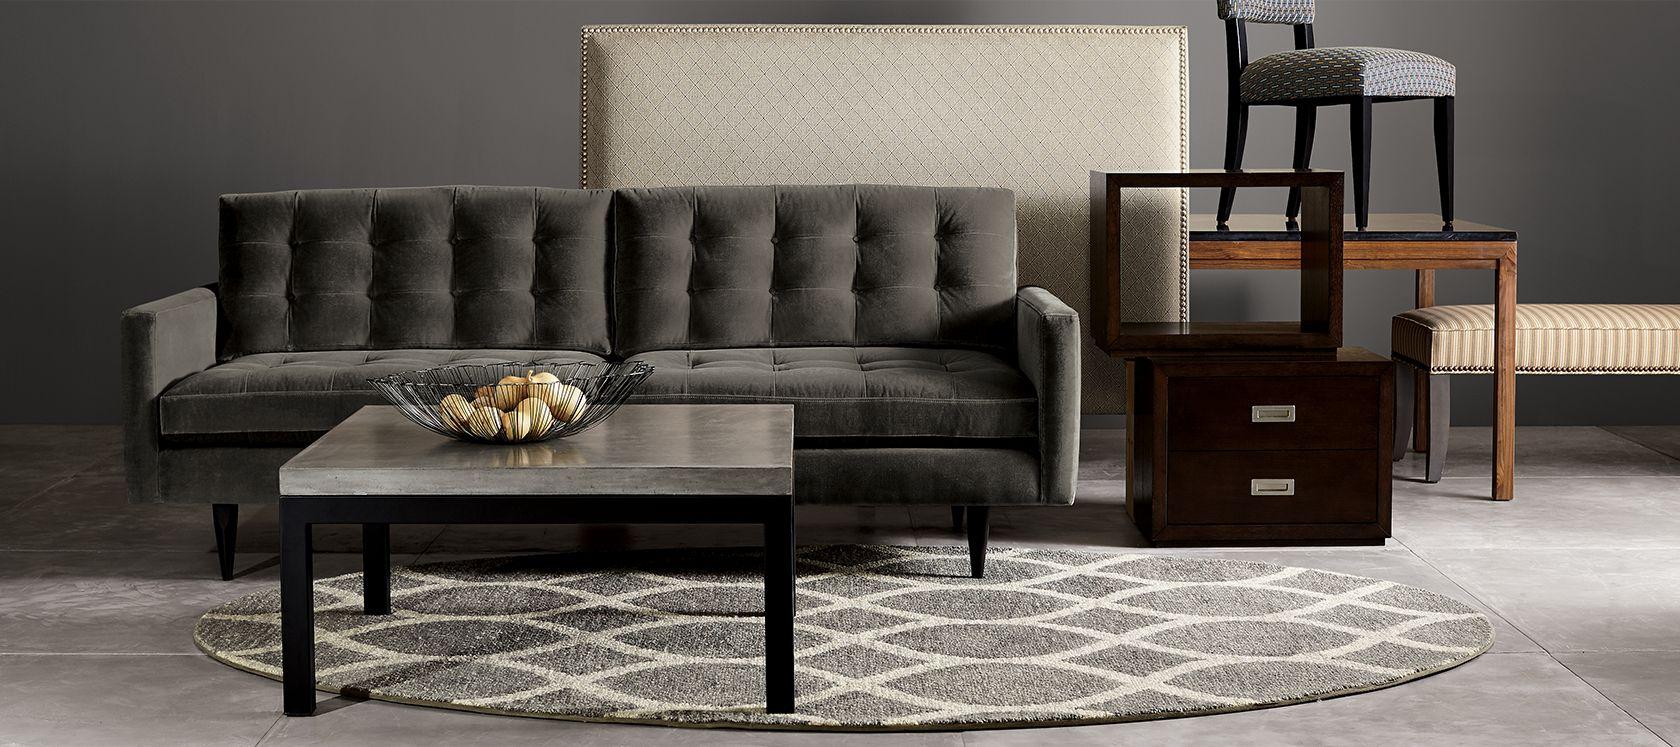 custom design furniture | crate and barrel